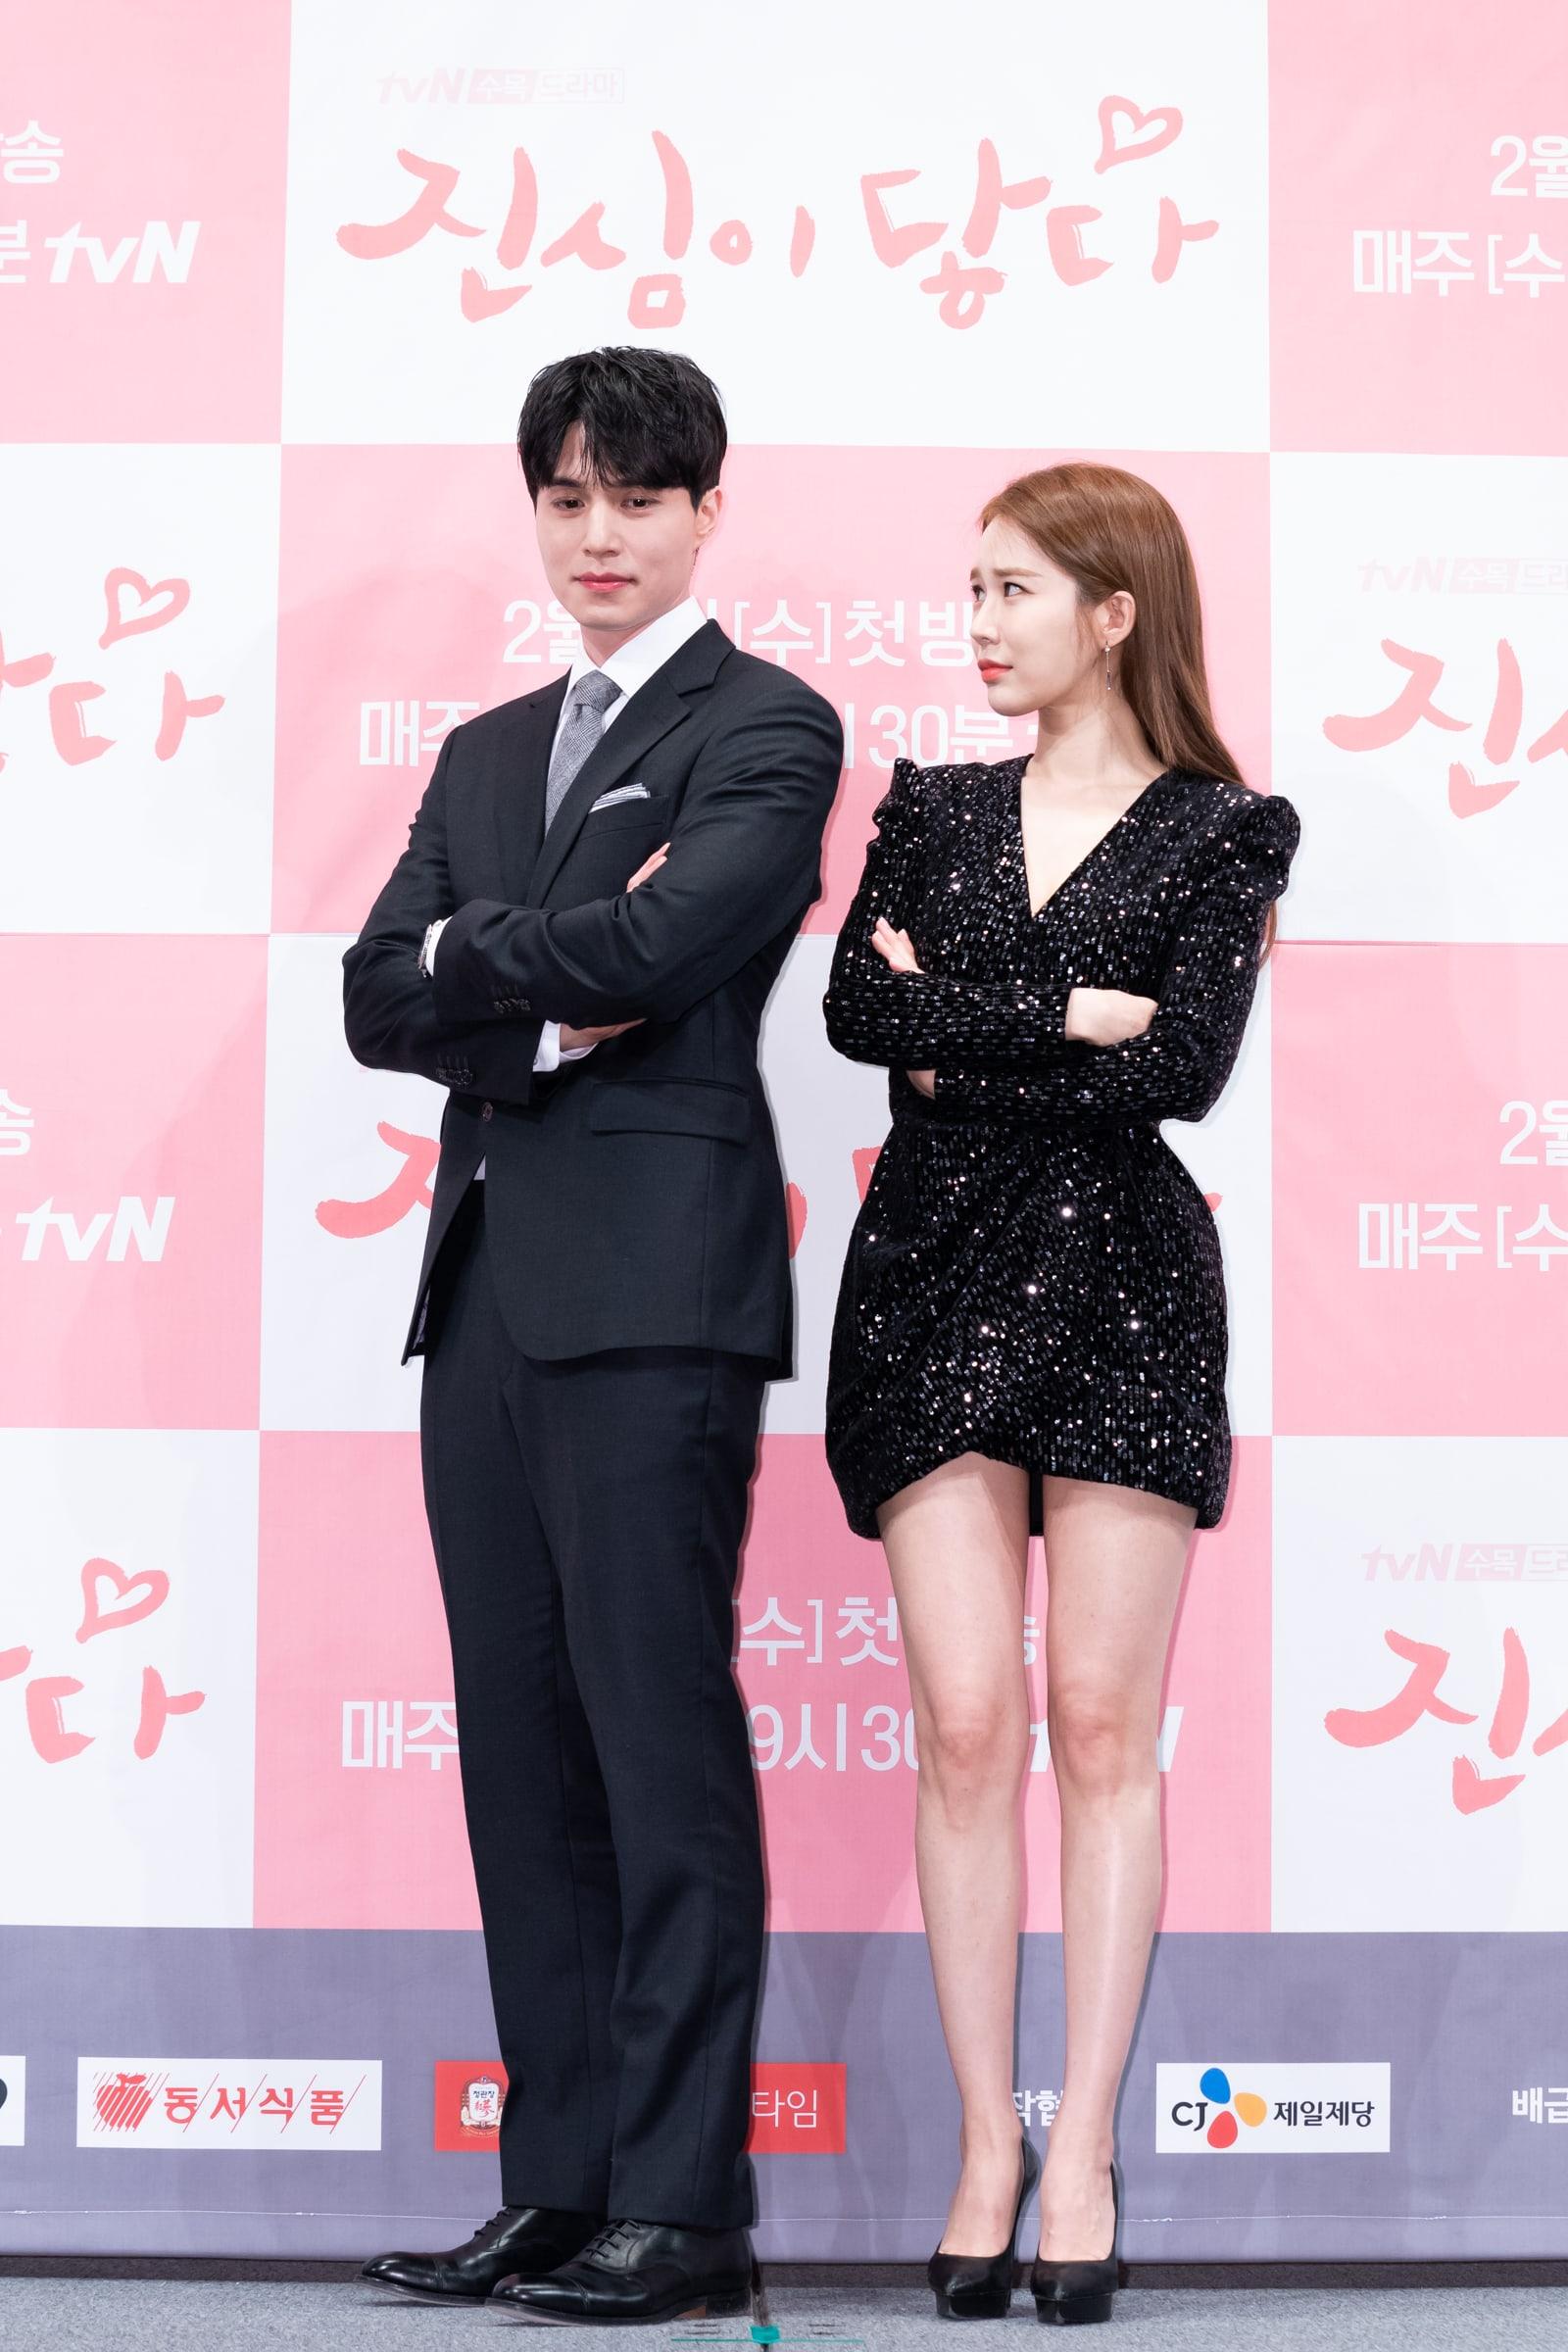 Mereka menyatakan jika karakternya dalam drama ini sangat berbeda dengan karakter dalam drama Goblin (dok. Soompi)